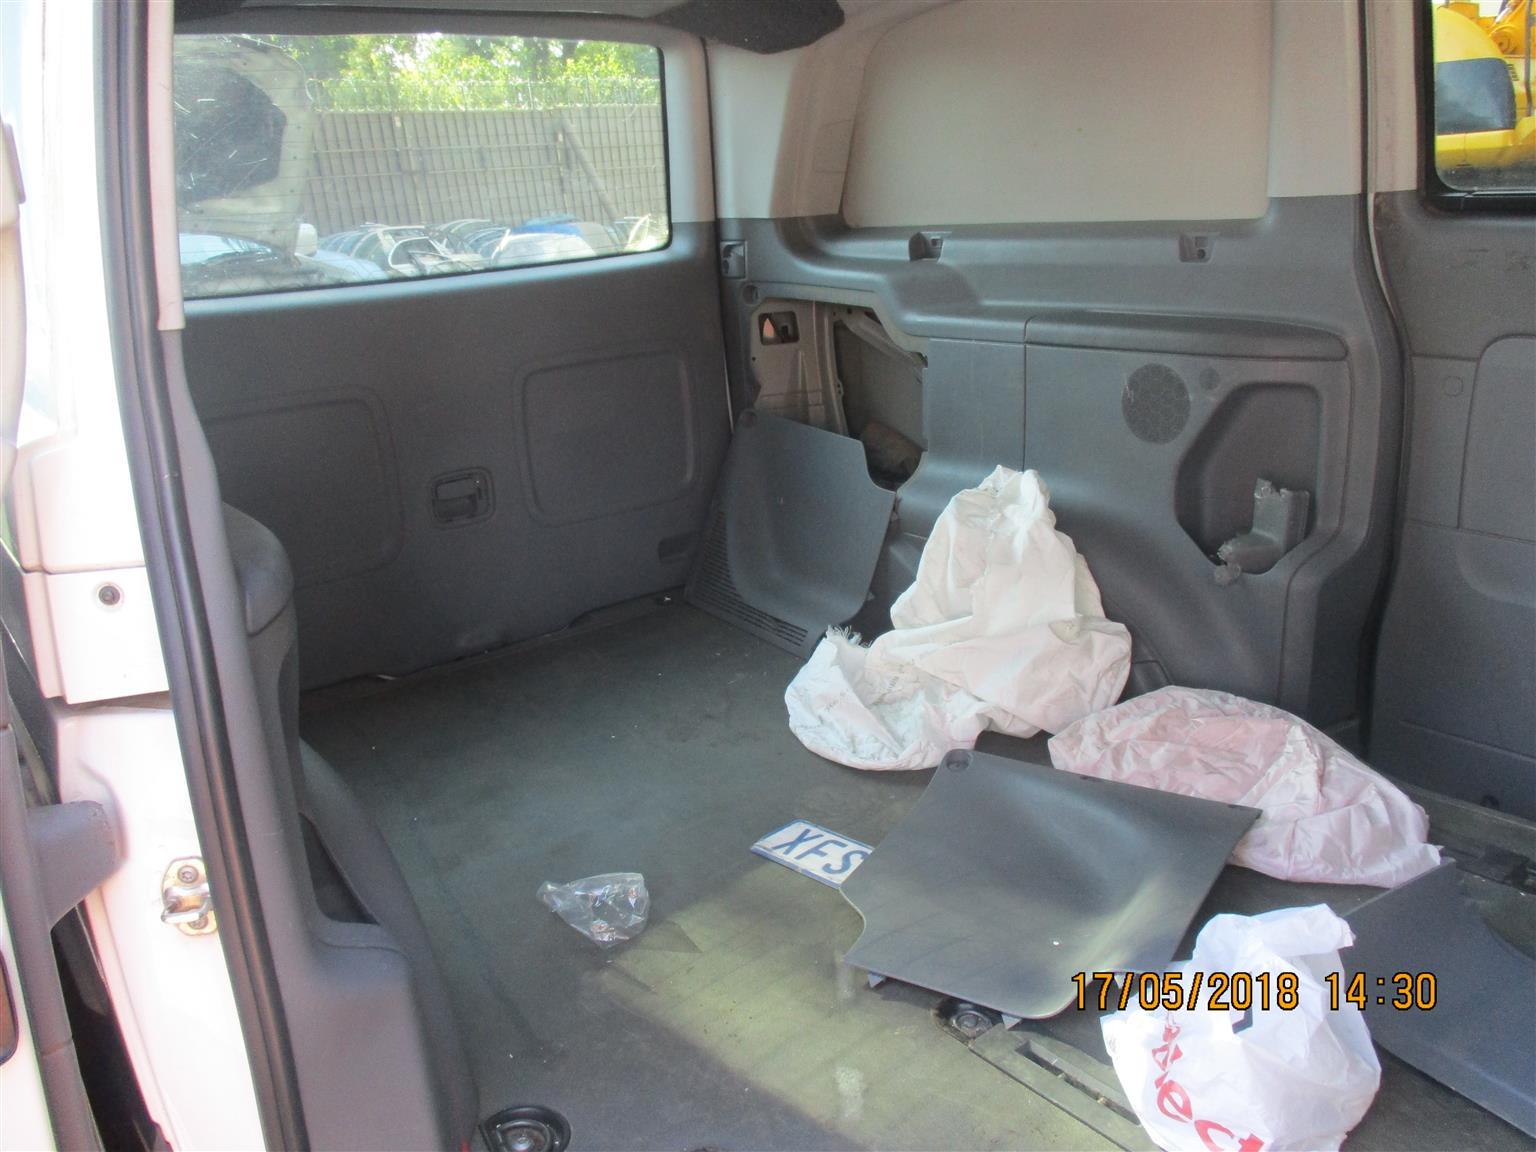 Mercedes Benz Vito 115 Interior | Junk Mail